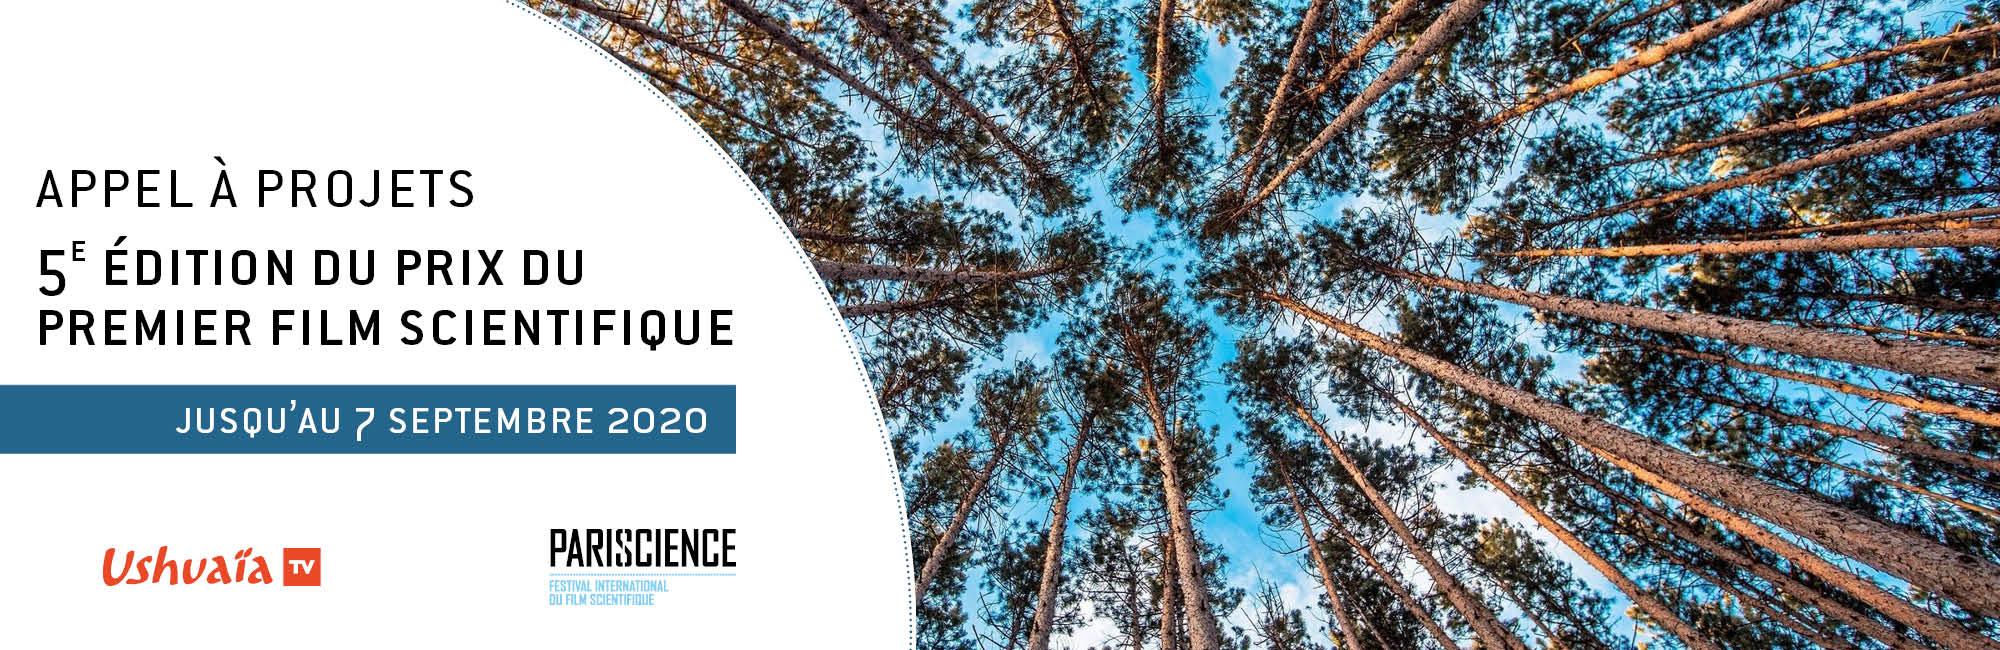 Ushuaïa TV et l'Association Science & Télévision lancent un appel à projets pour la 5e édition du Prix du premier film scientifique